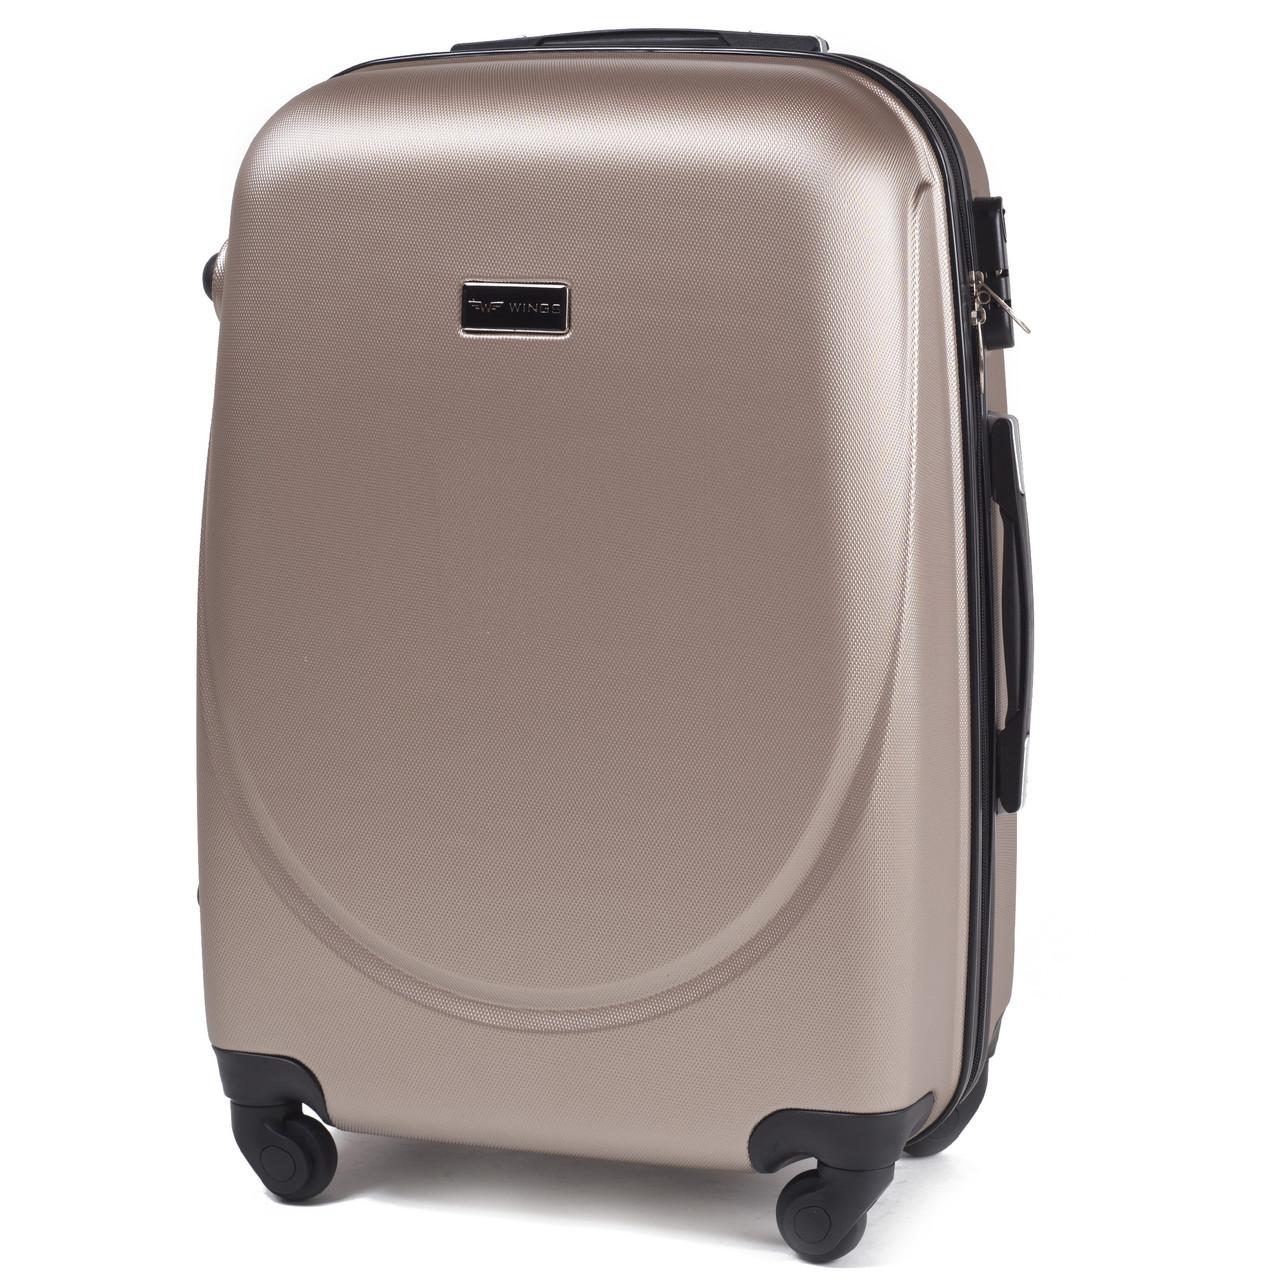 Малый пластиковый чемодан Wings 310 на 4 колесах золотистый